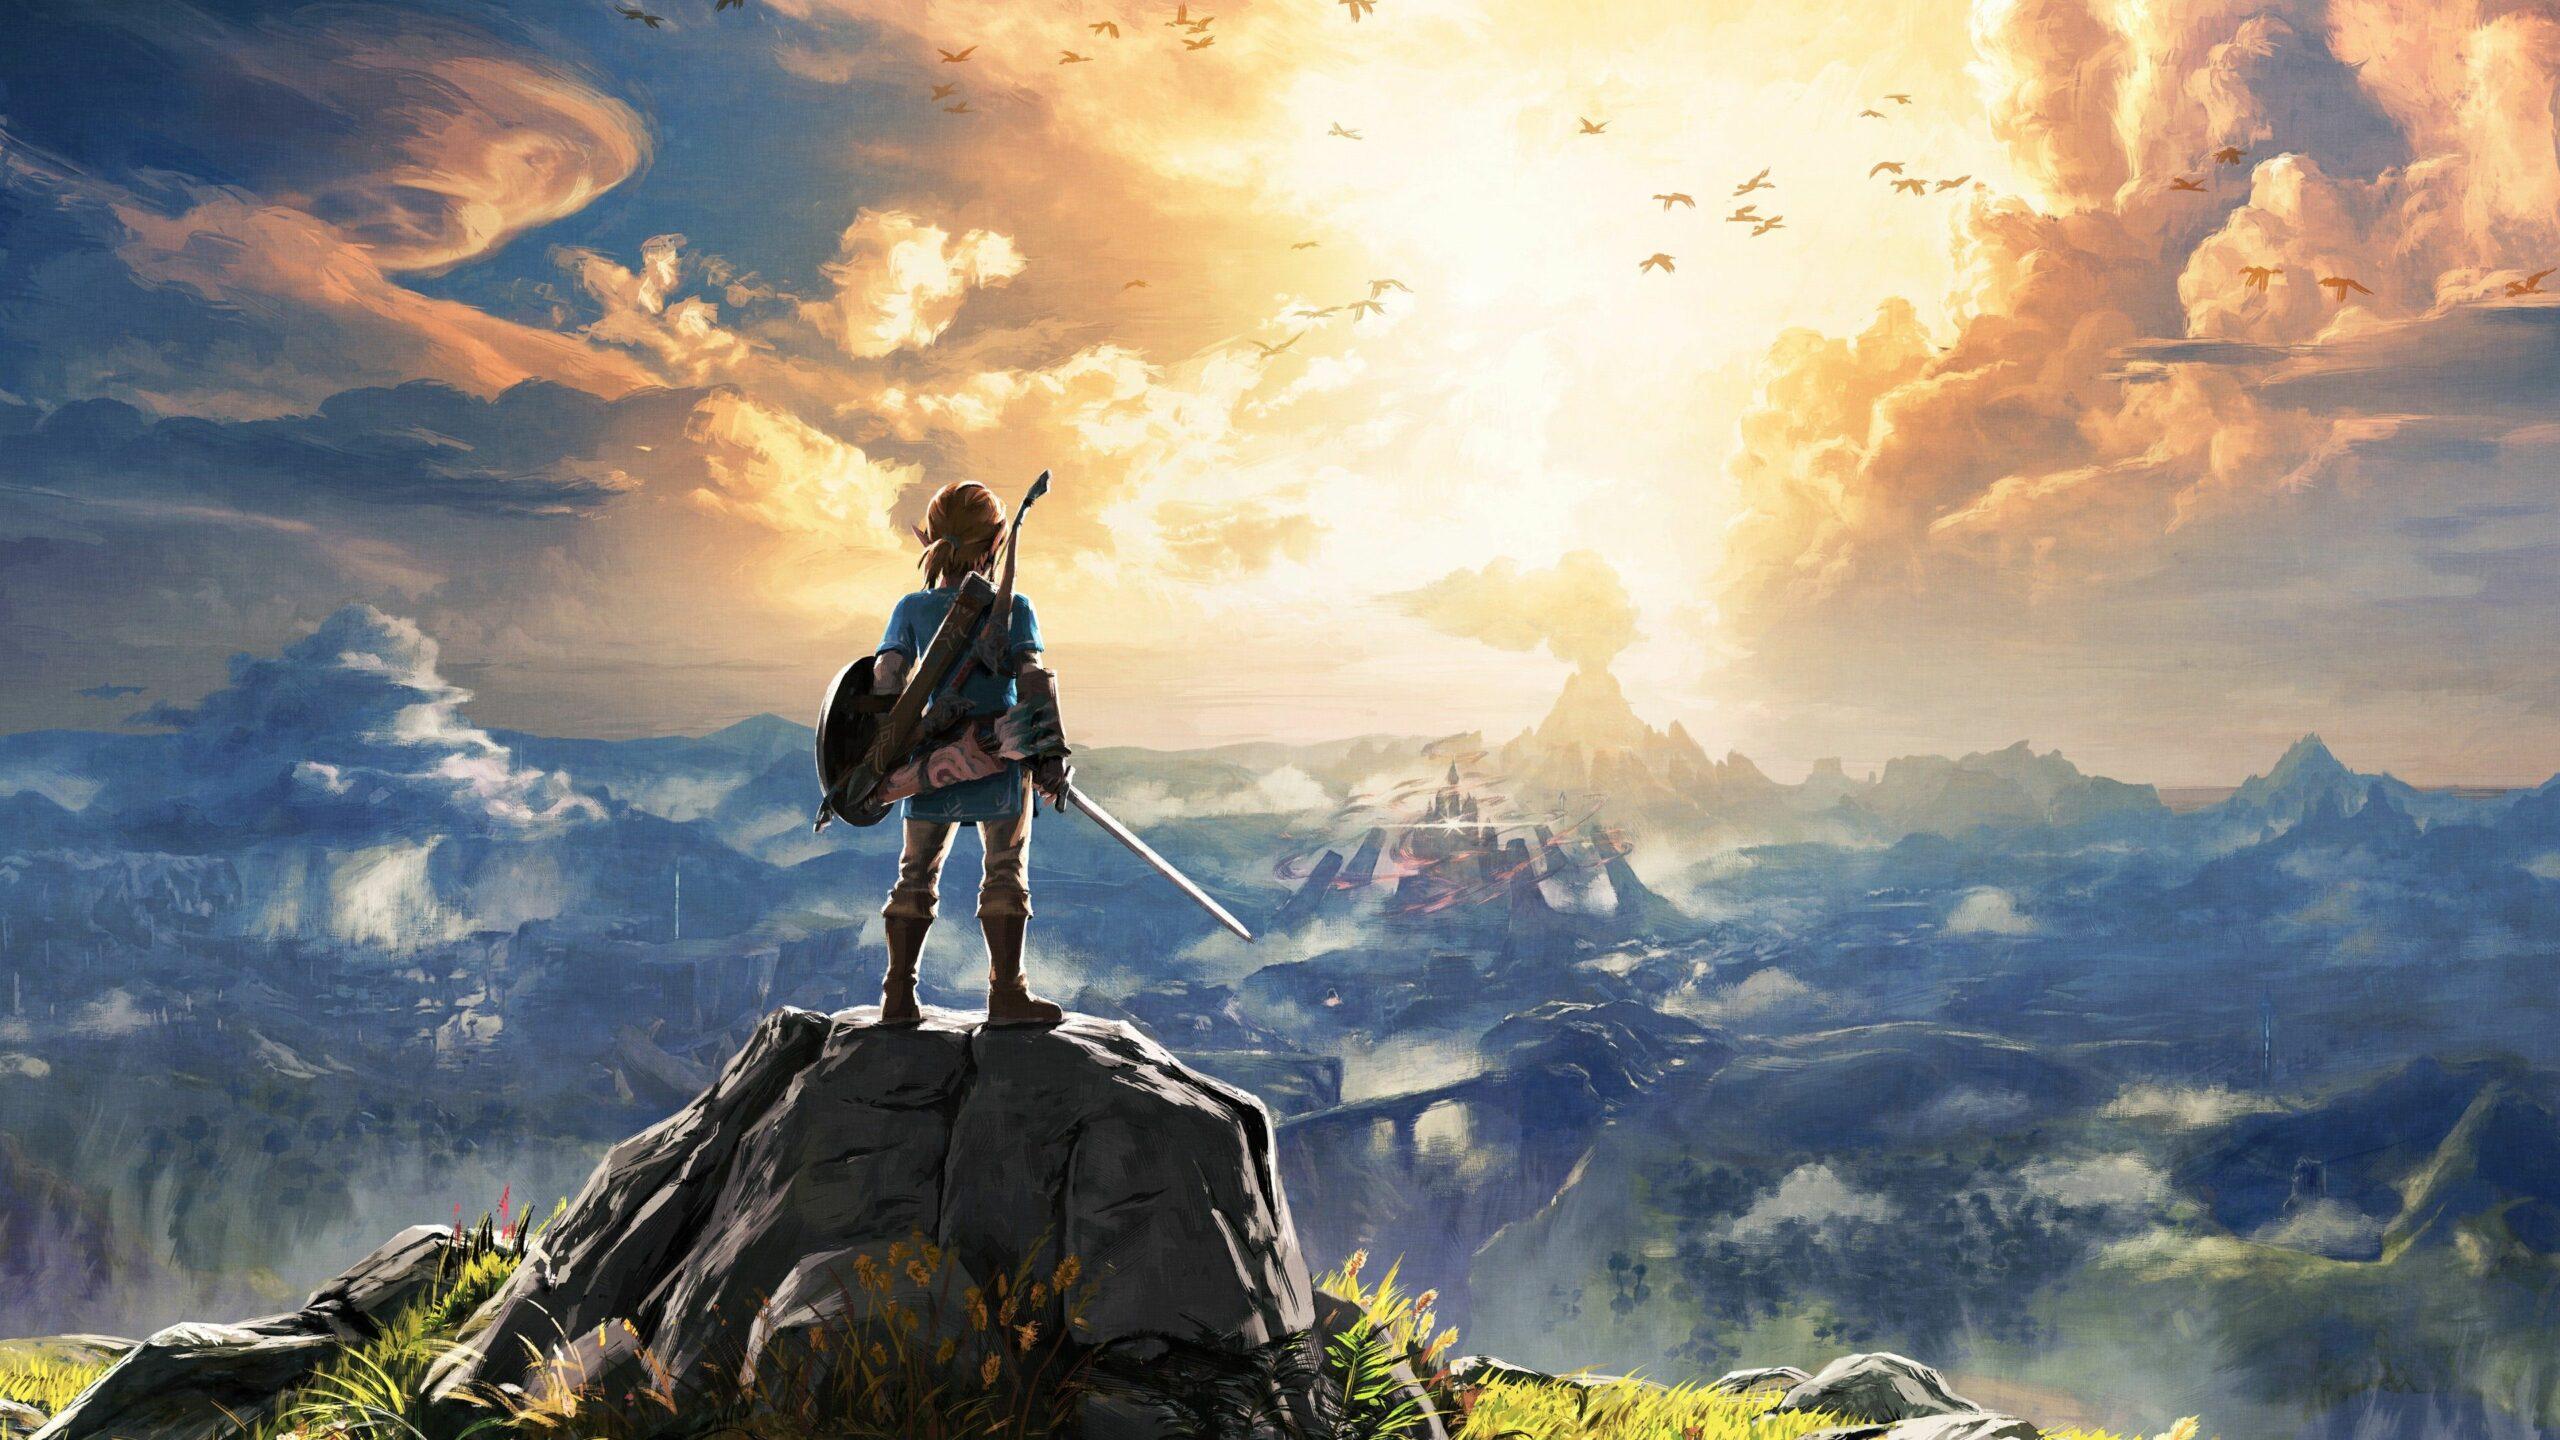 Hình nền PC 4k game đẹp nhất - The Legend of Zelda